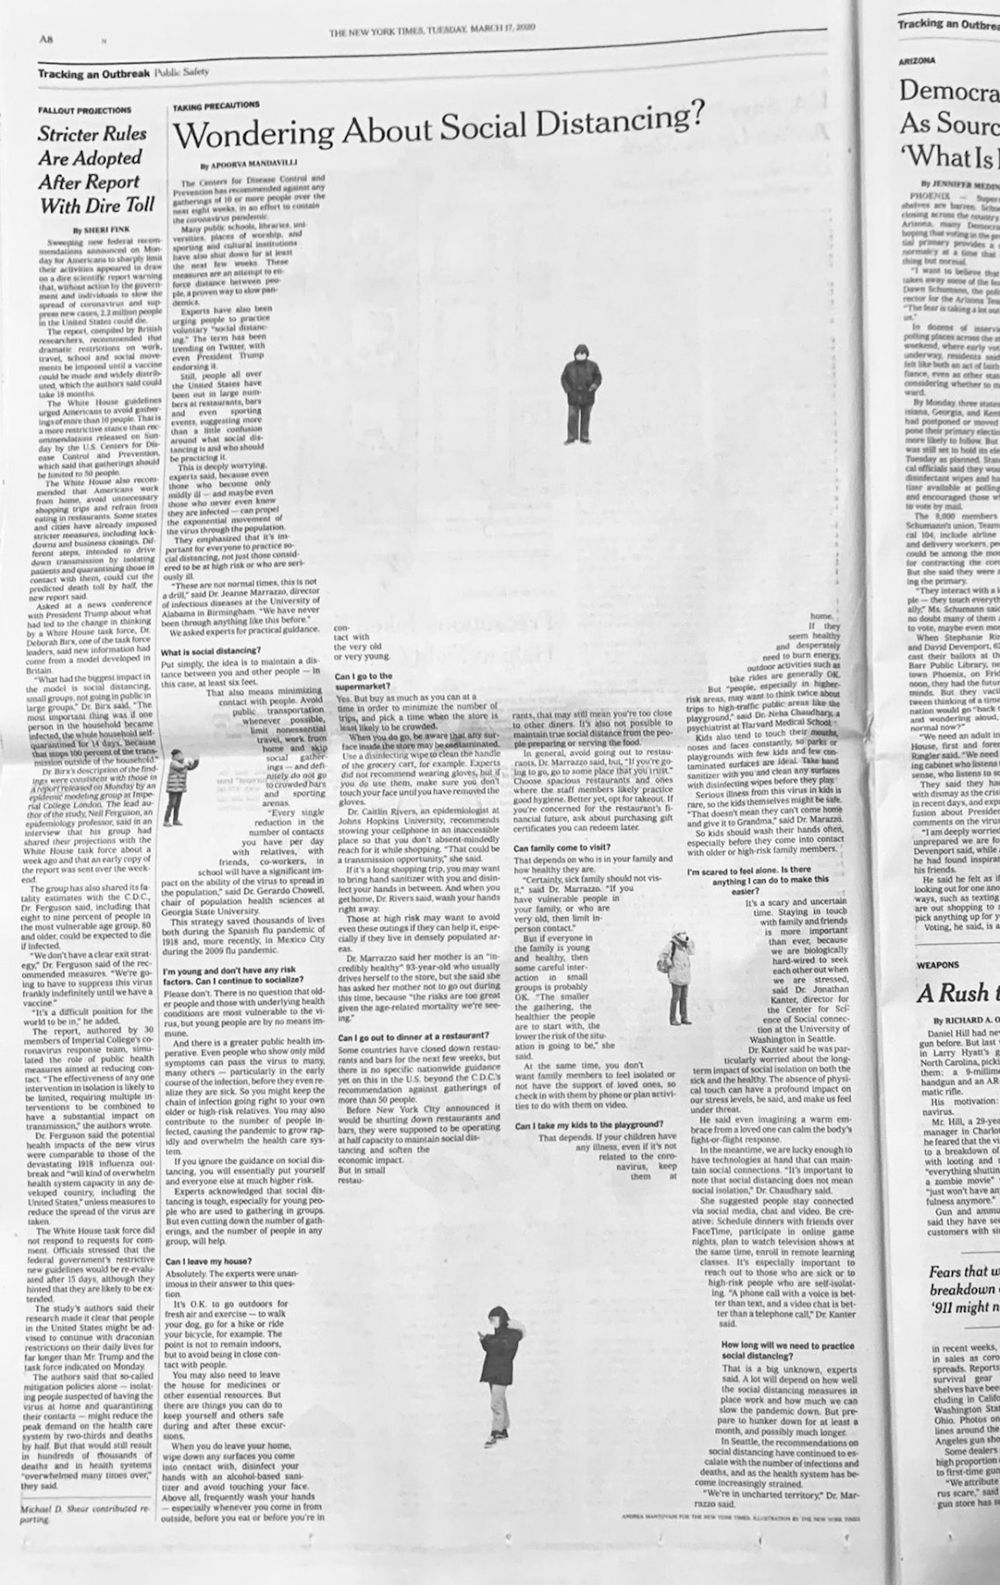 Το άρθρο των New York Times όπως αποτυπώηκε στο χαρτί